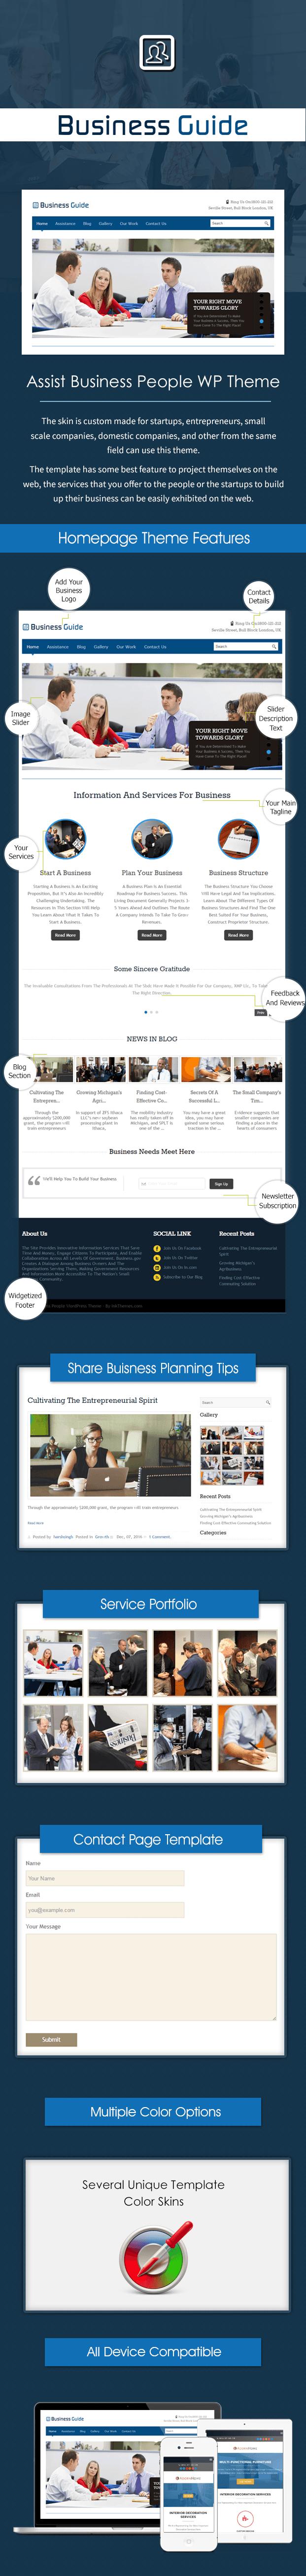 BusinessGuide